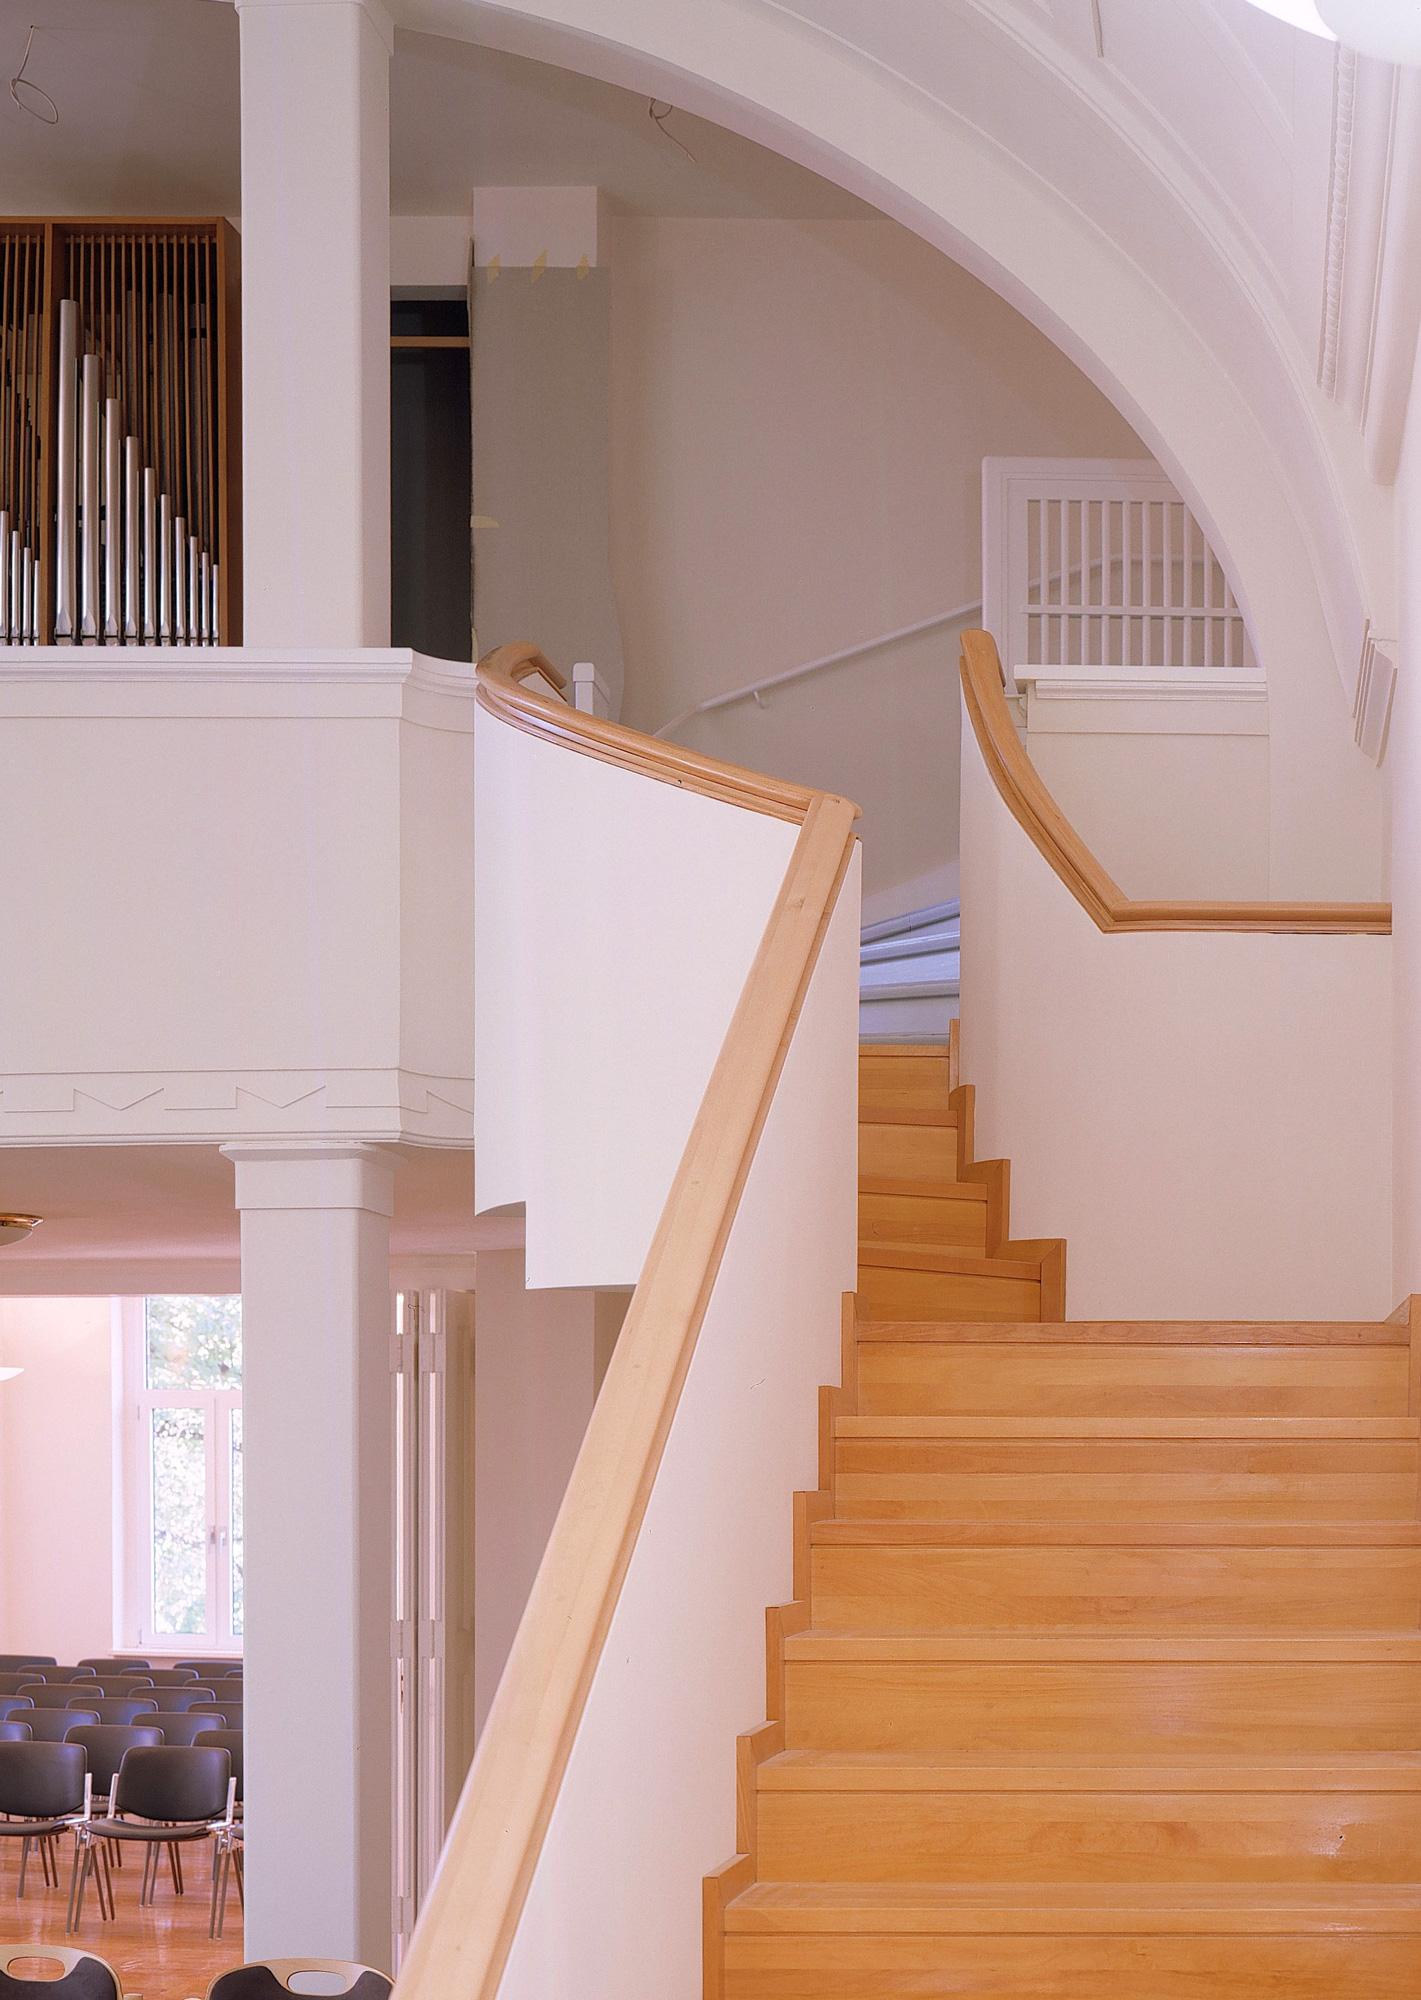 2. Fluchtweg, Treppe aus dem DG